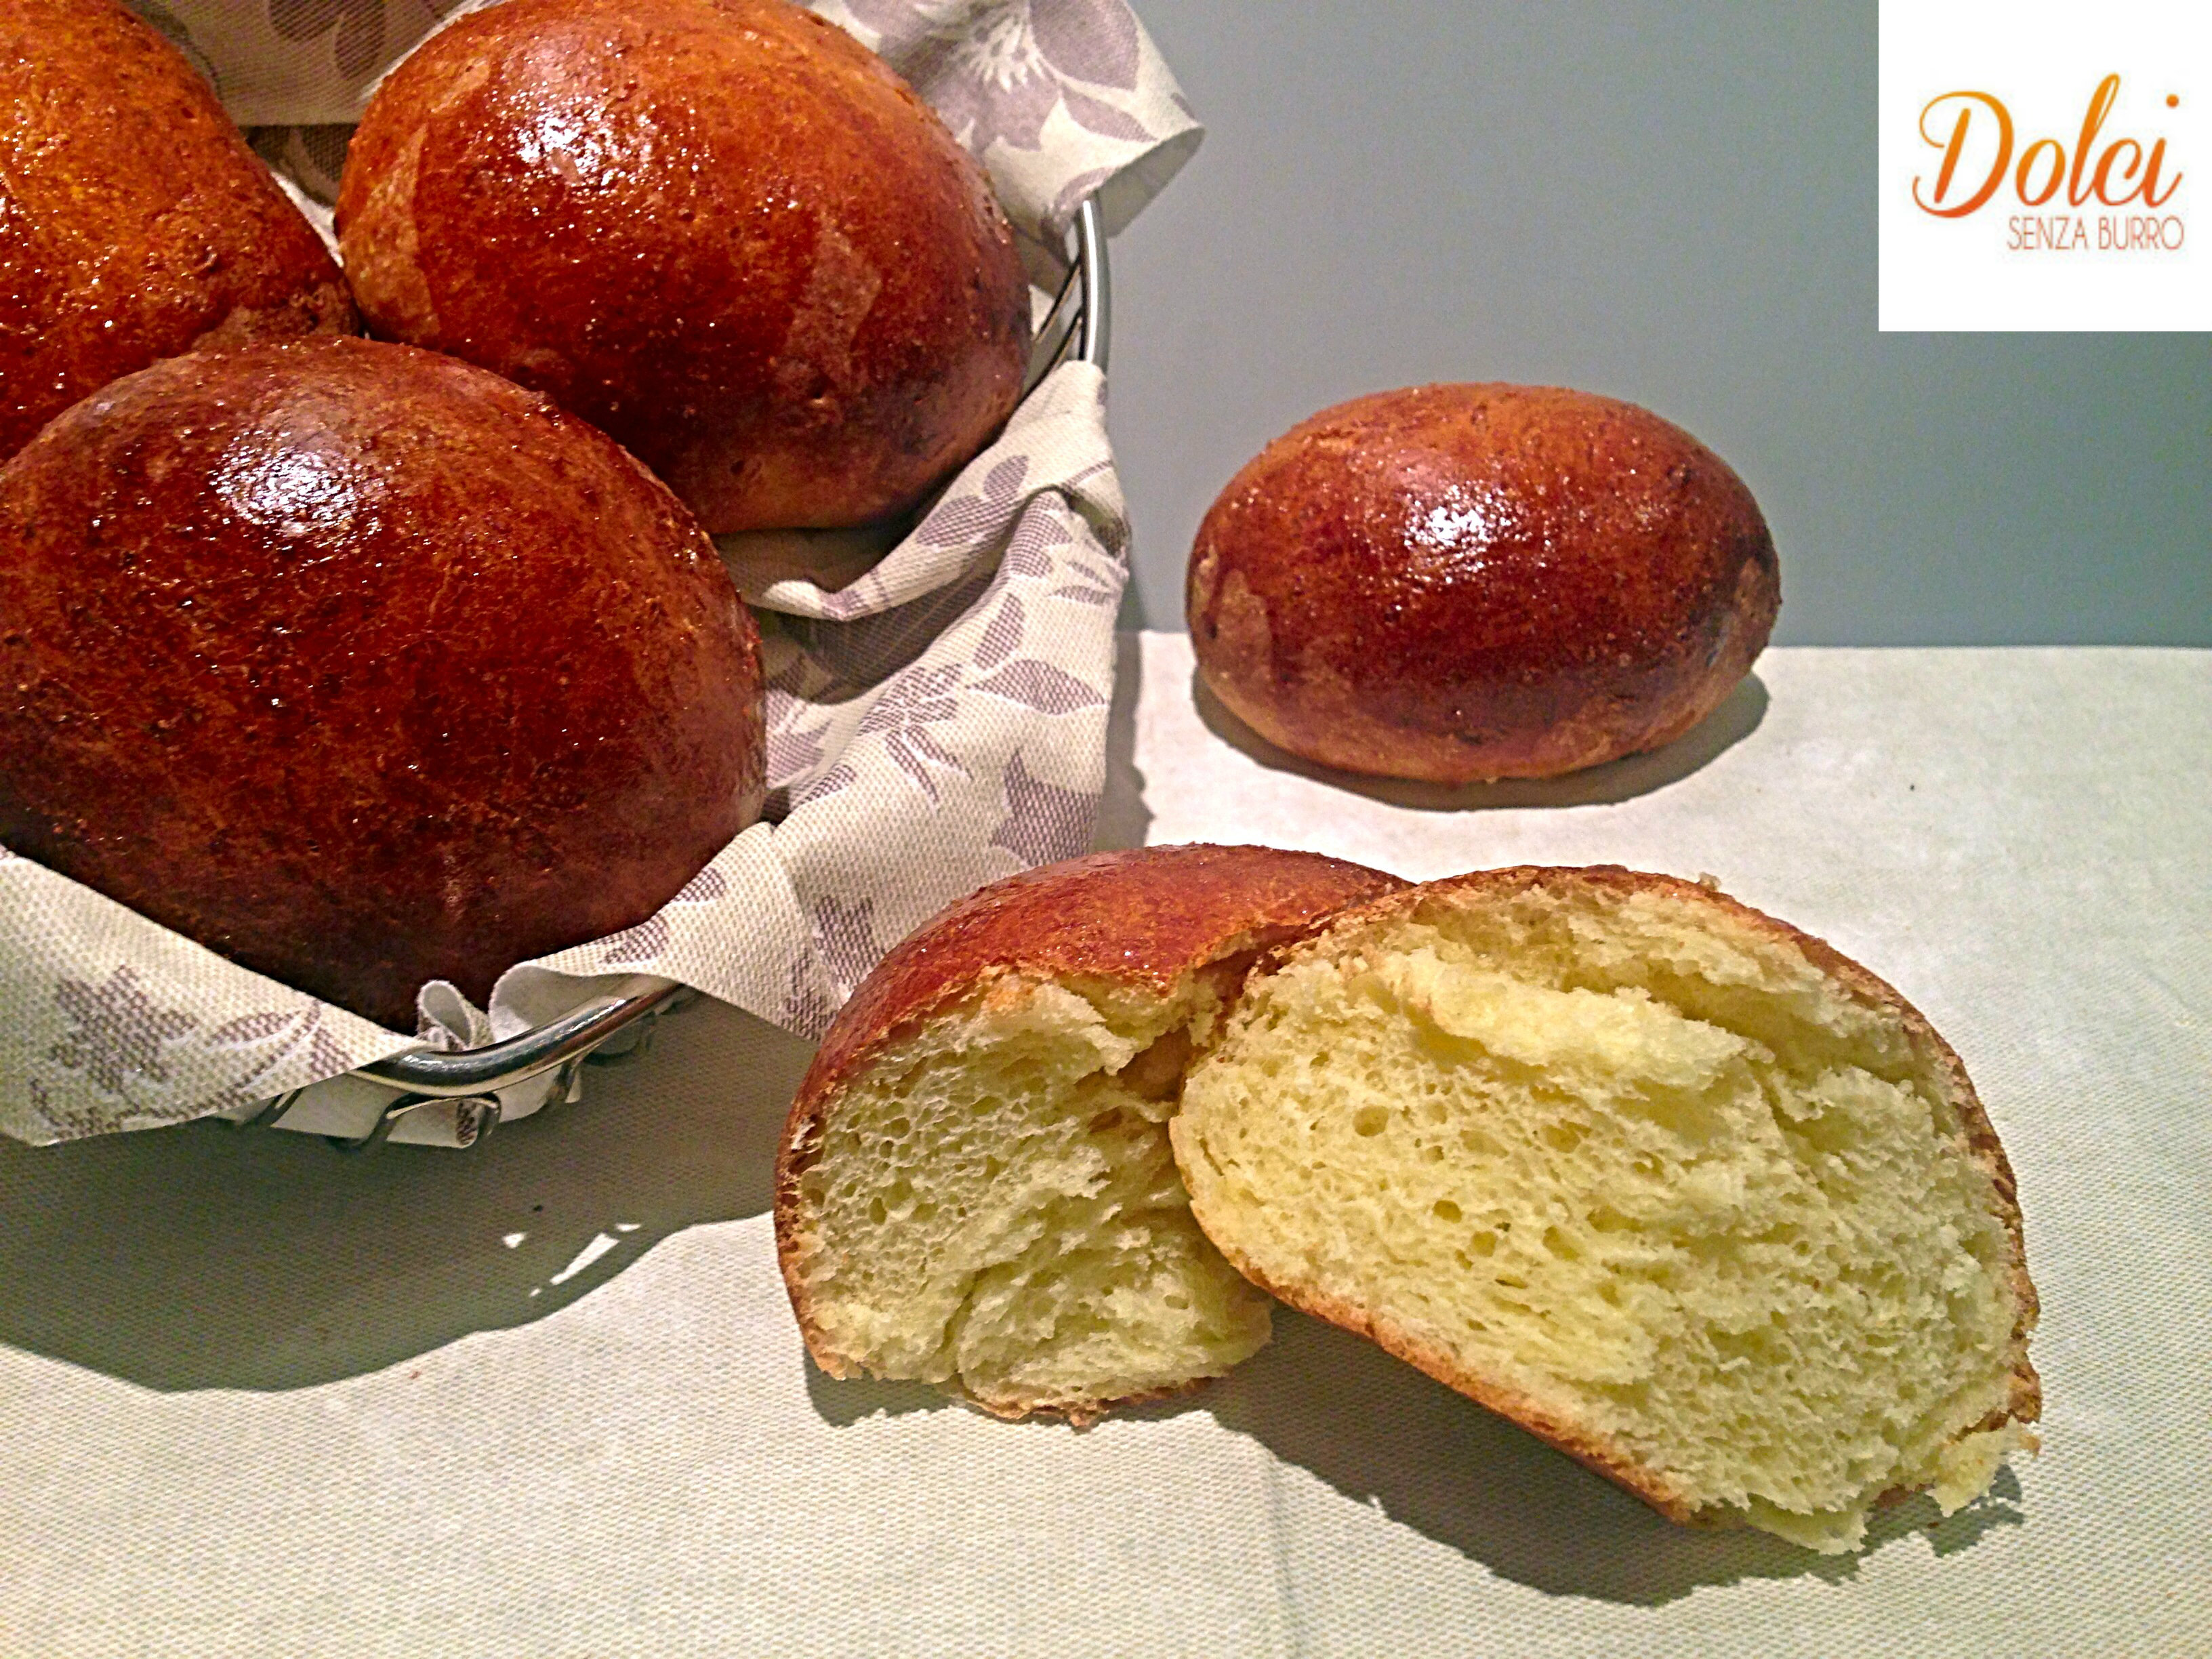 Panini al Latte Senza Burro, i panini dolci senza lattosio leggeri e golosi di dolci senza burro